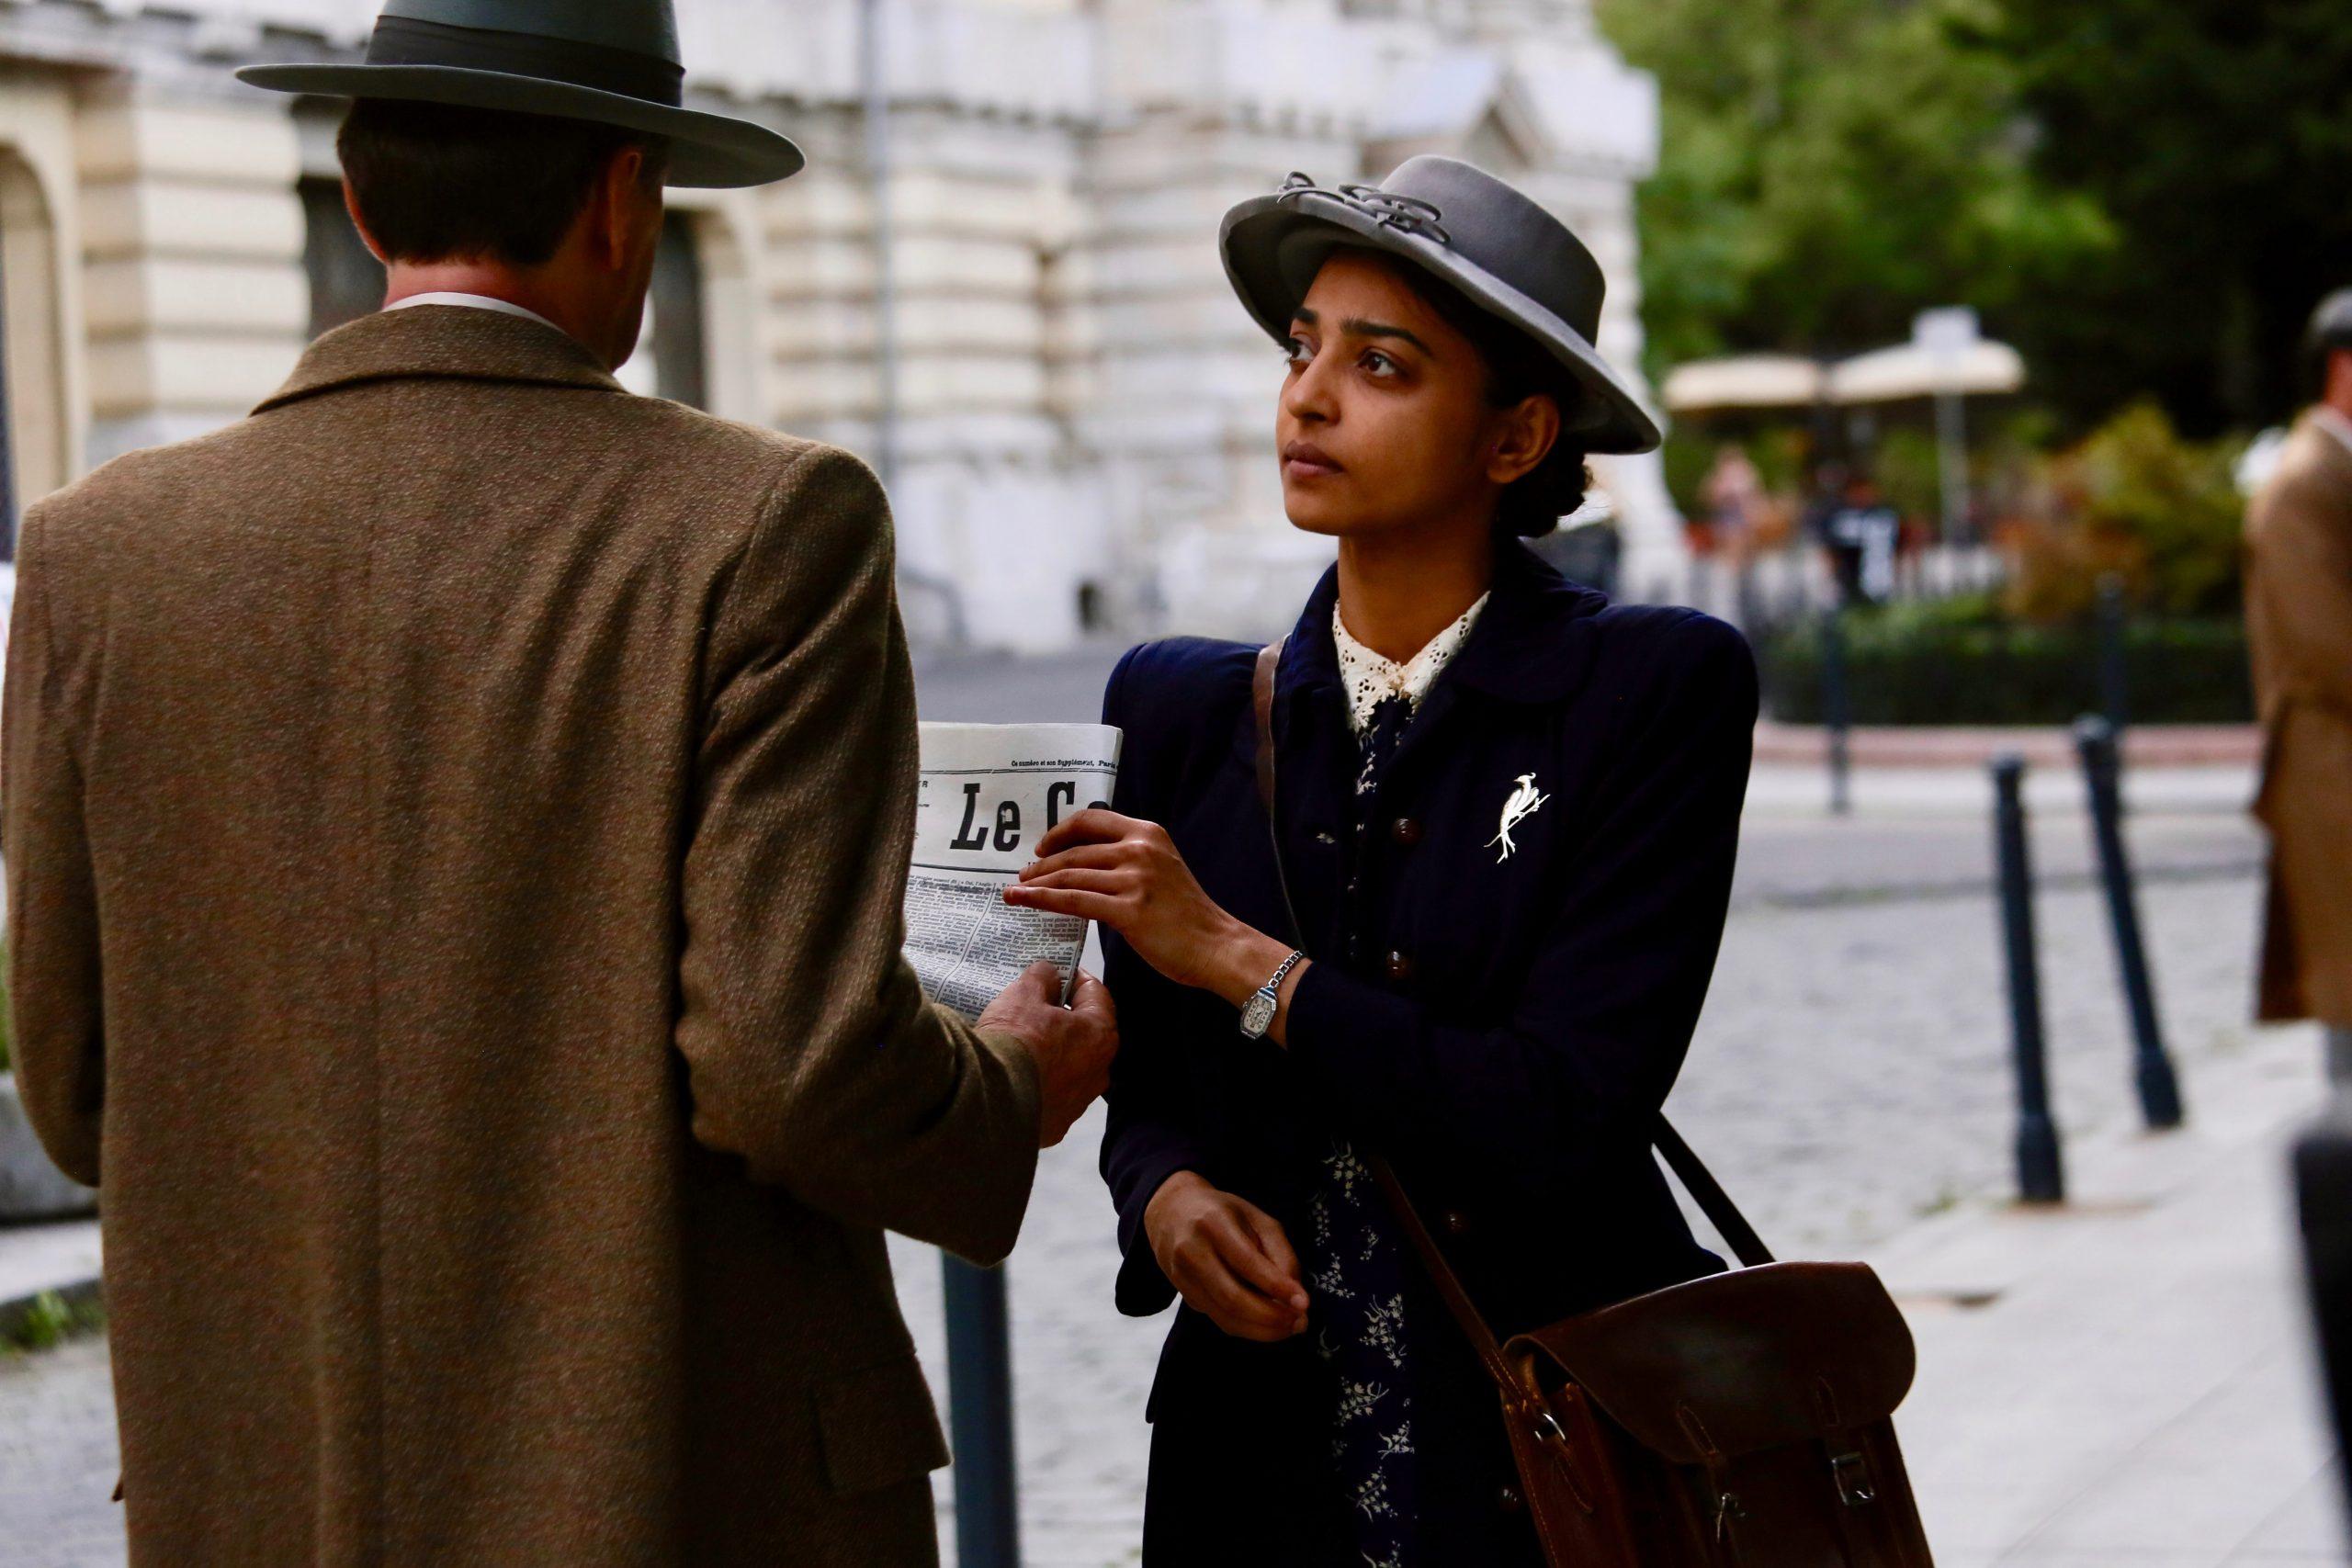 Radhika Apte - A Call to Spy